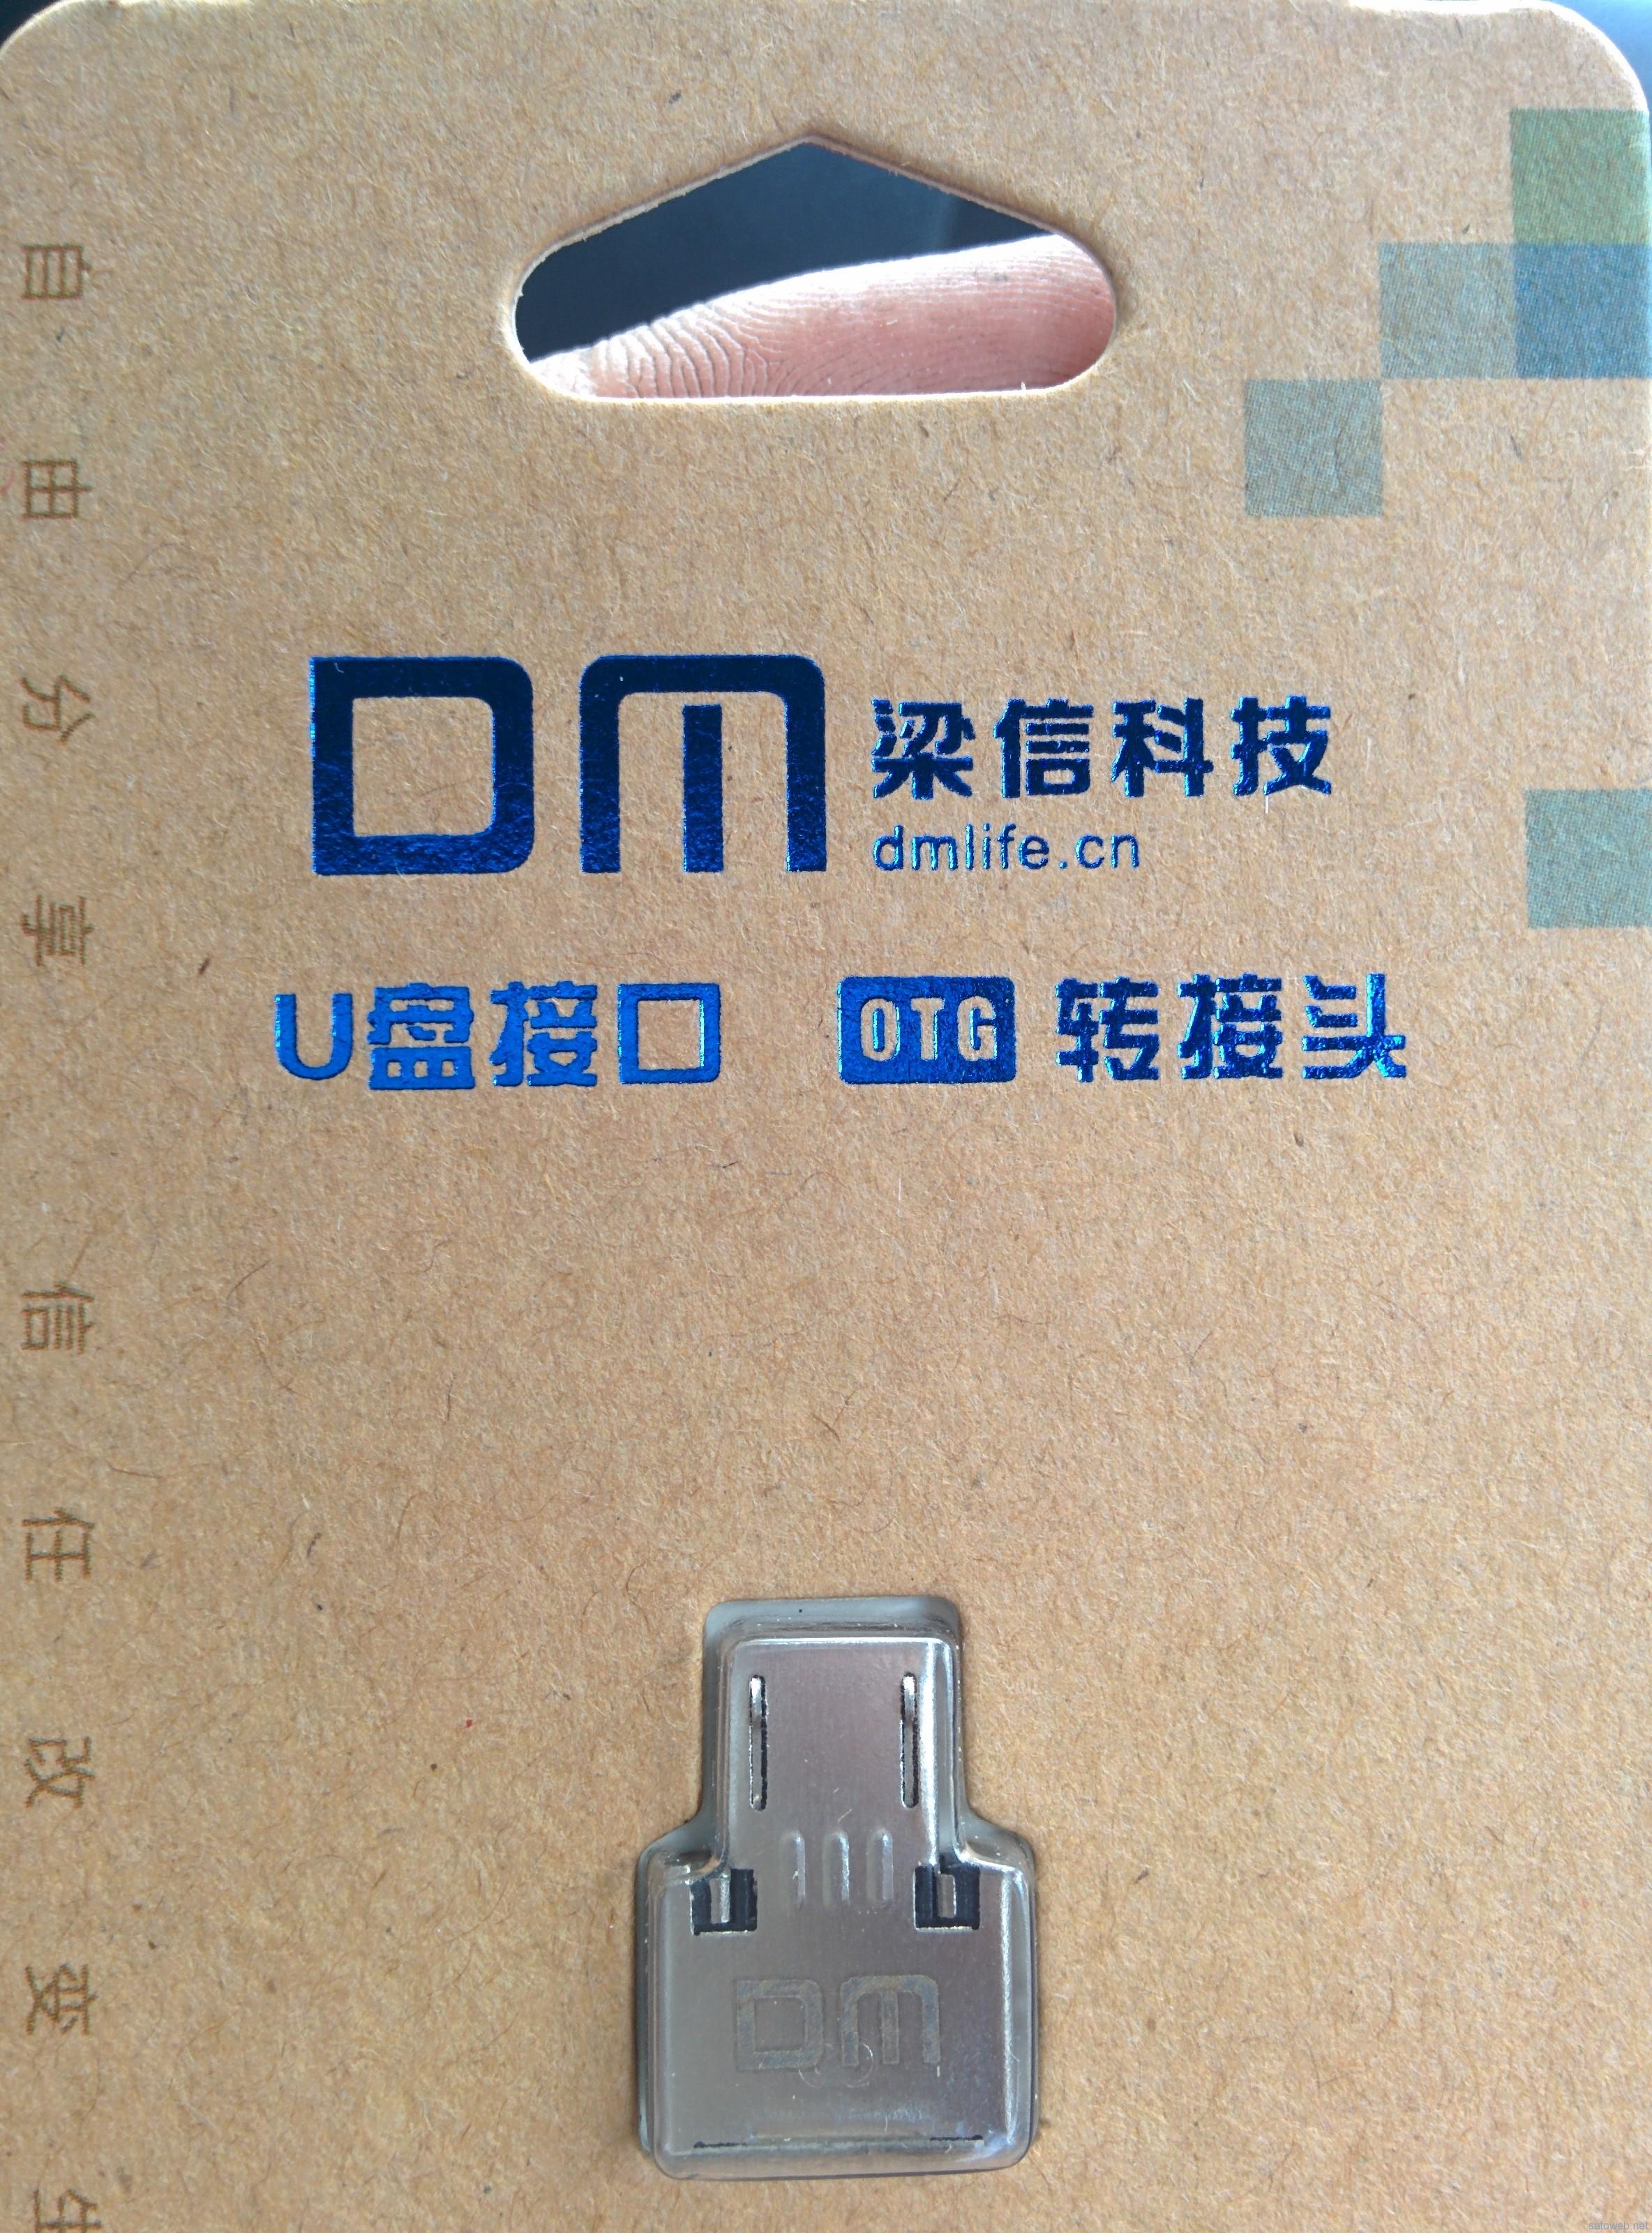 ほぼ直付! USBAコネクタをMicroBに変換するアダプタがちょーコンパクト!で楽しい。